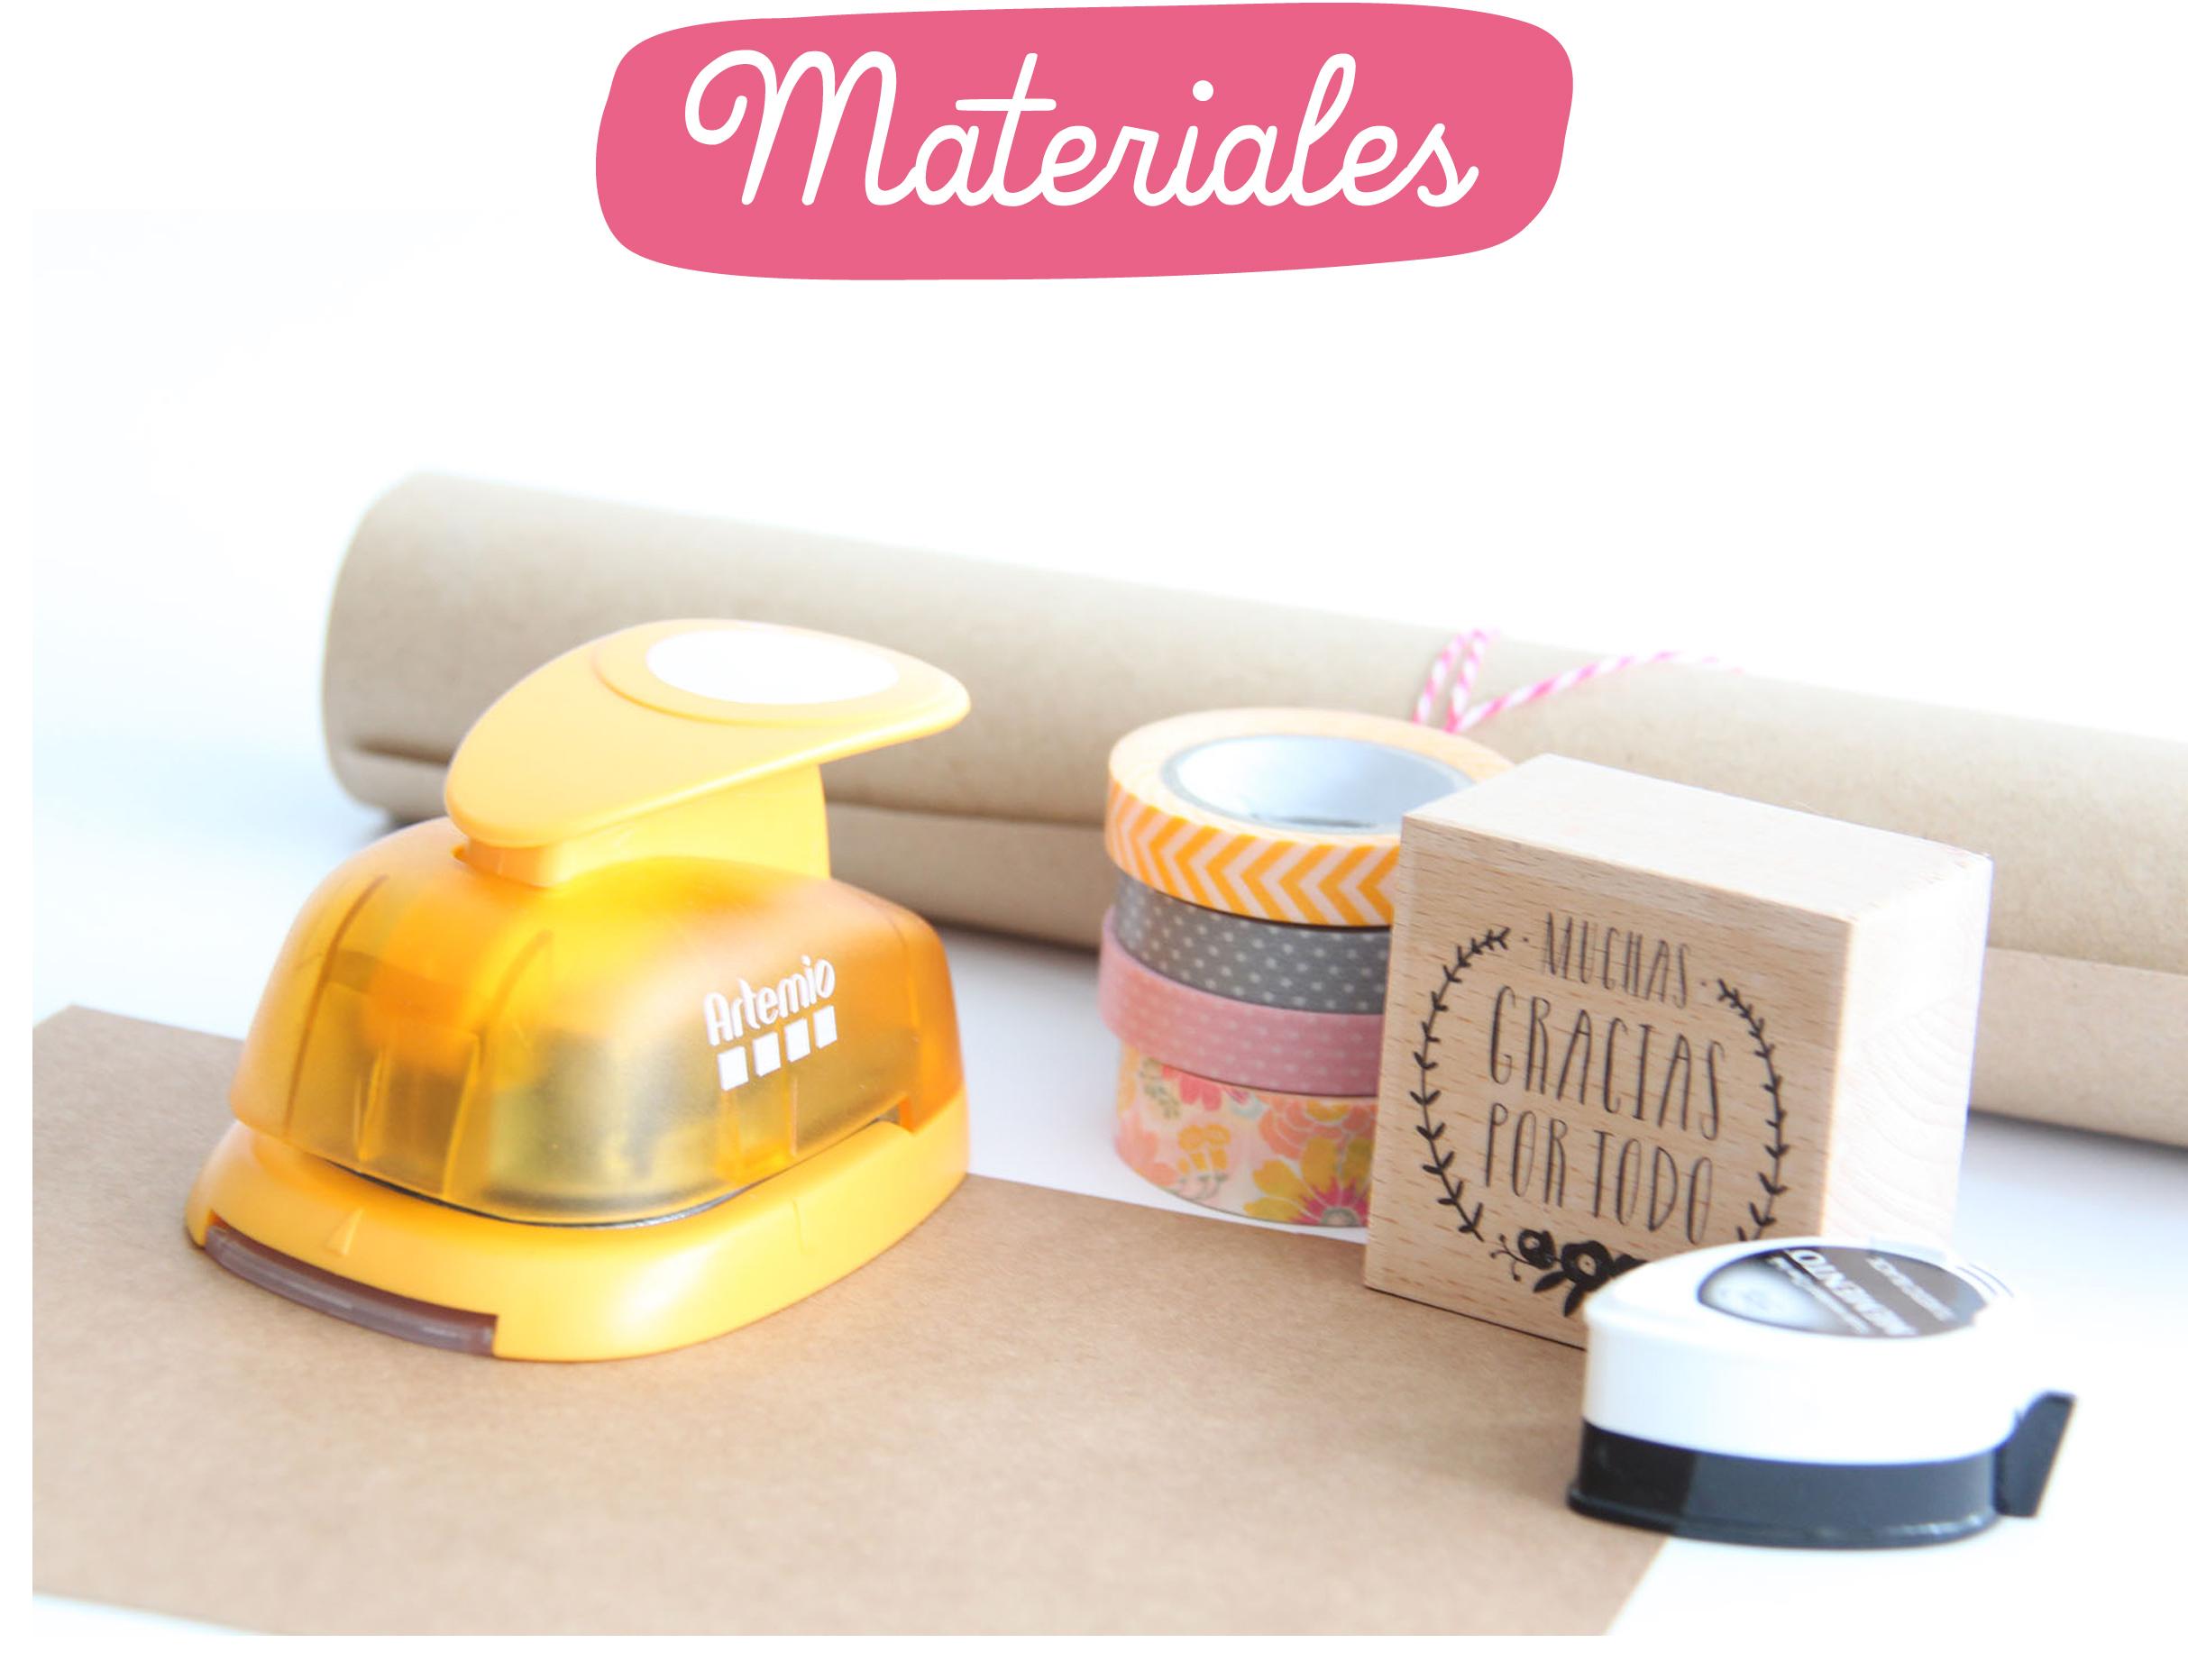 materiale_01